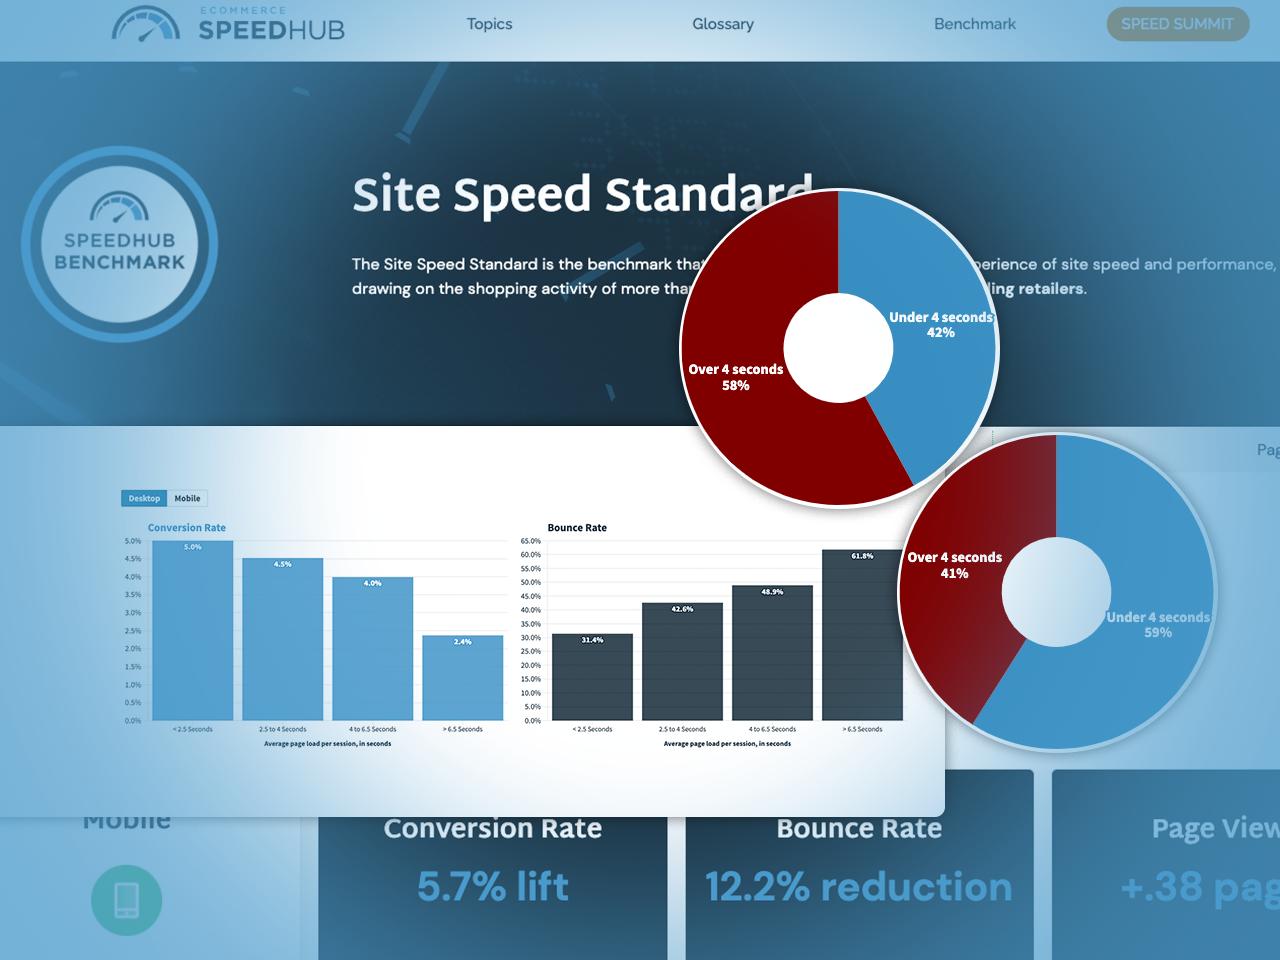 Site Speed Standard